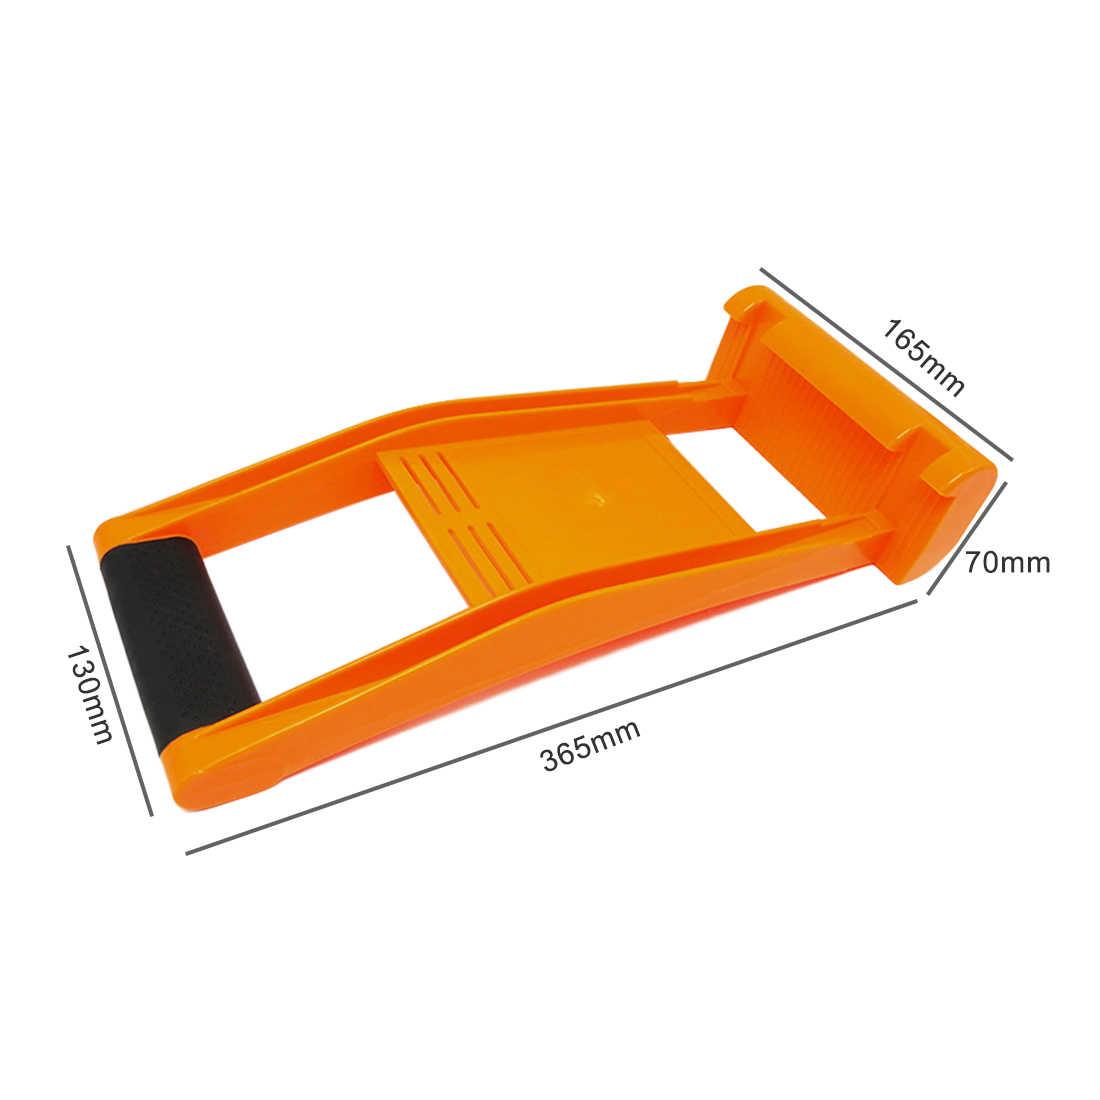 Painel Ferramenta de plástico ABS 80 Transportador de Carga KG de Carga Transportadora Pinça Alça Carregue Drywall Folha de Madeira Compensada